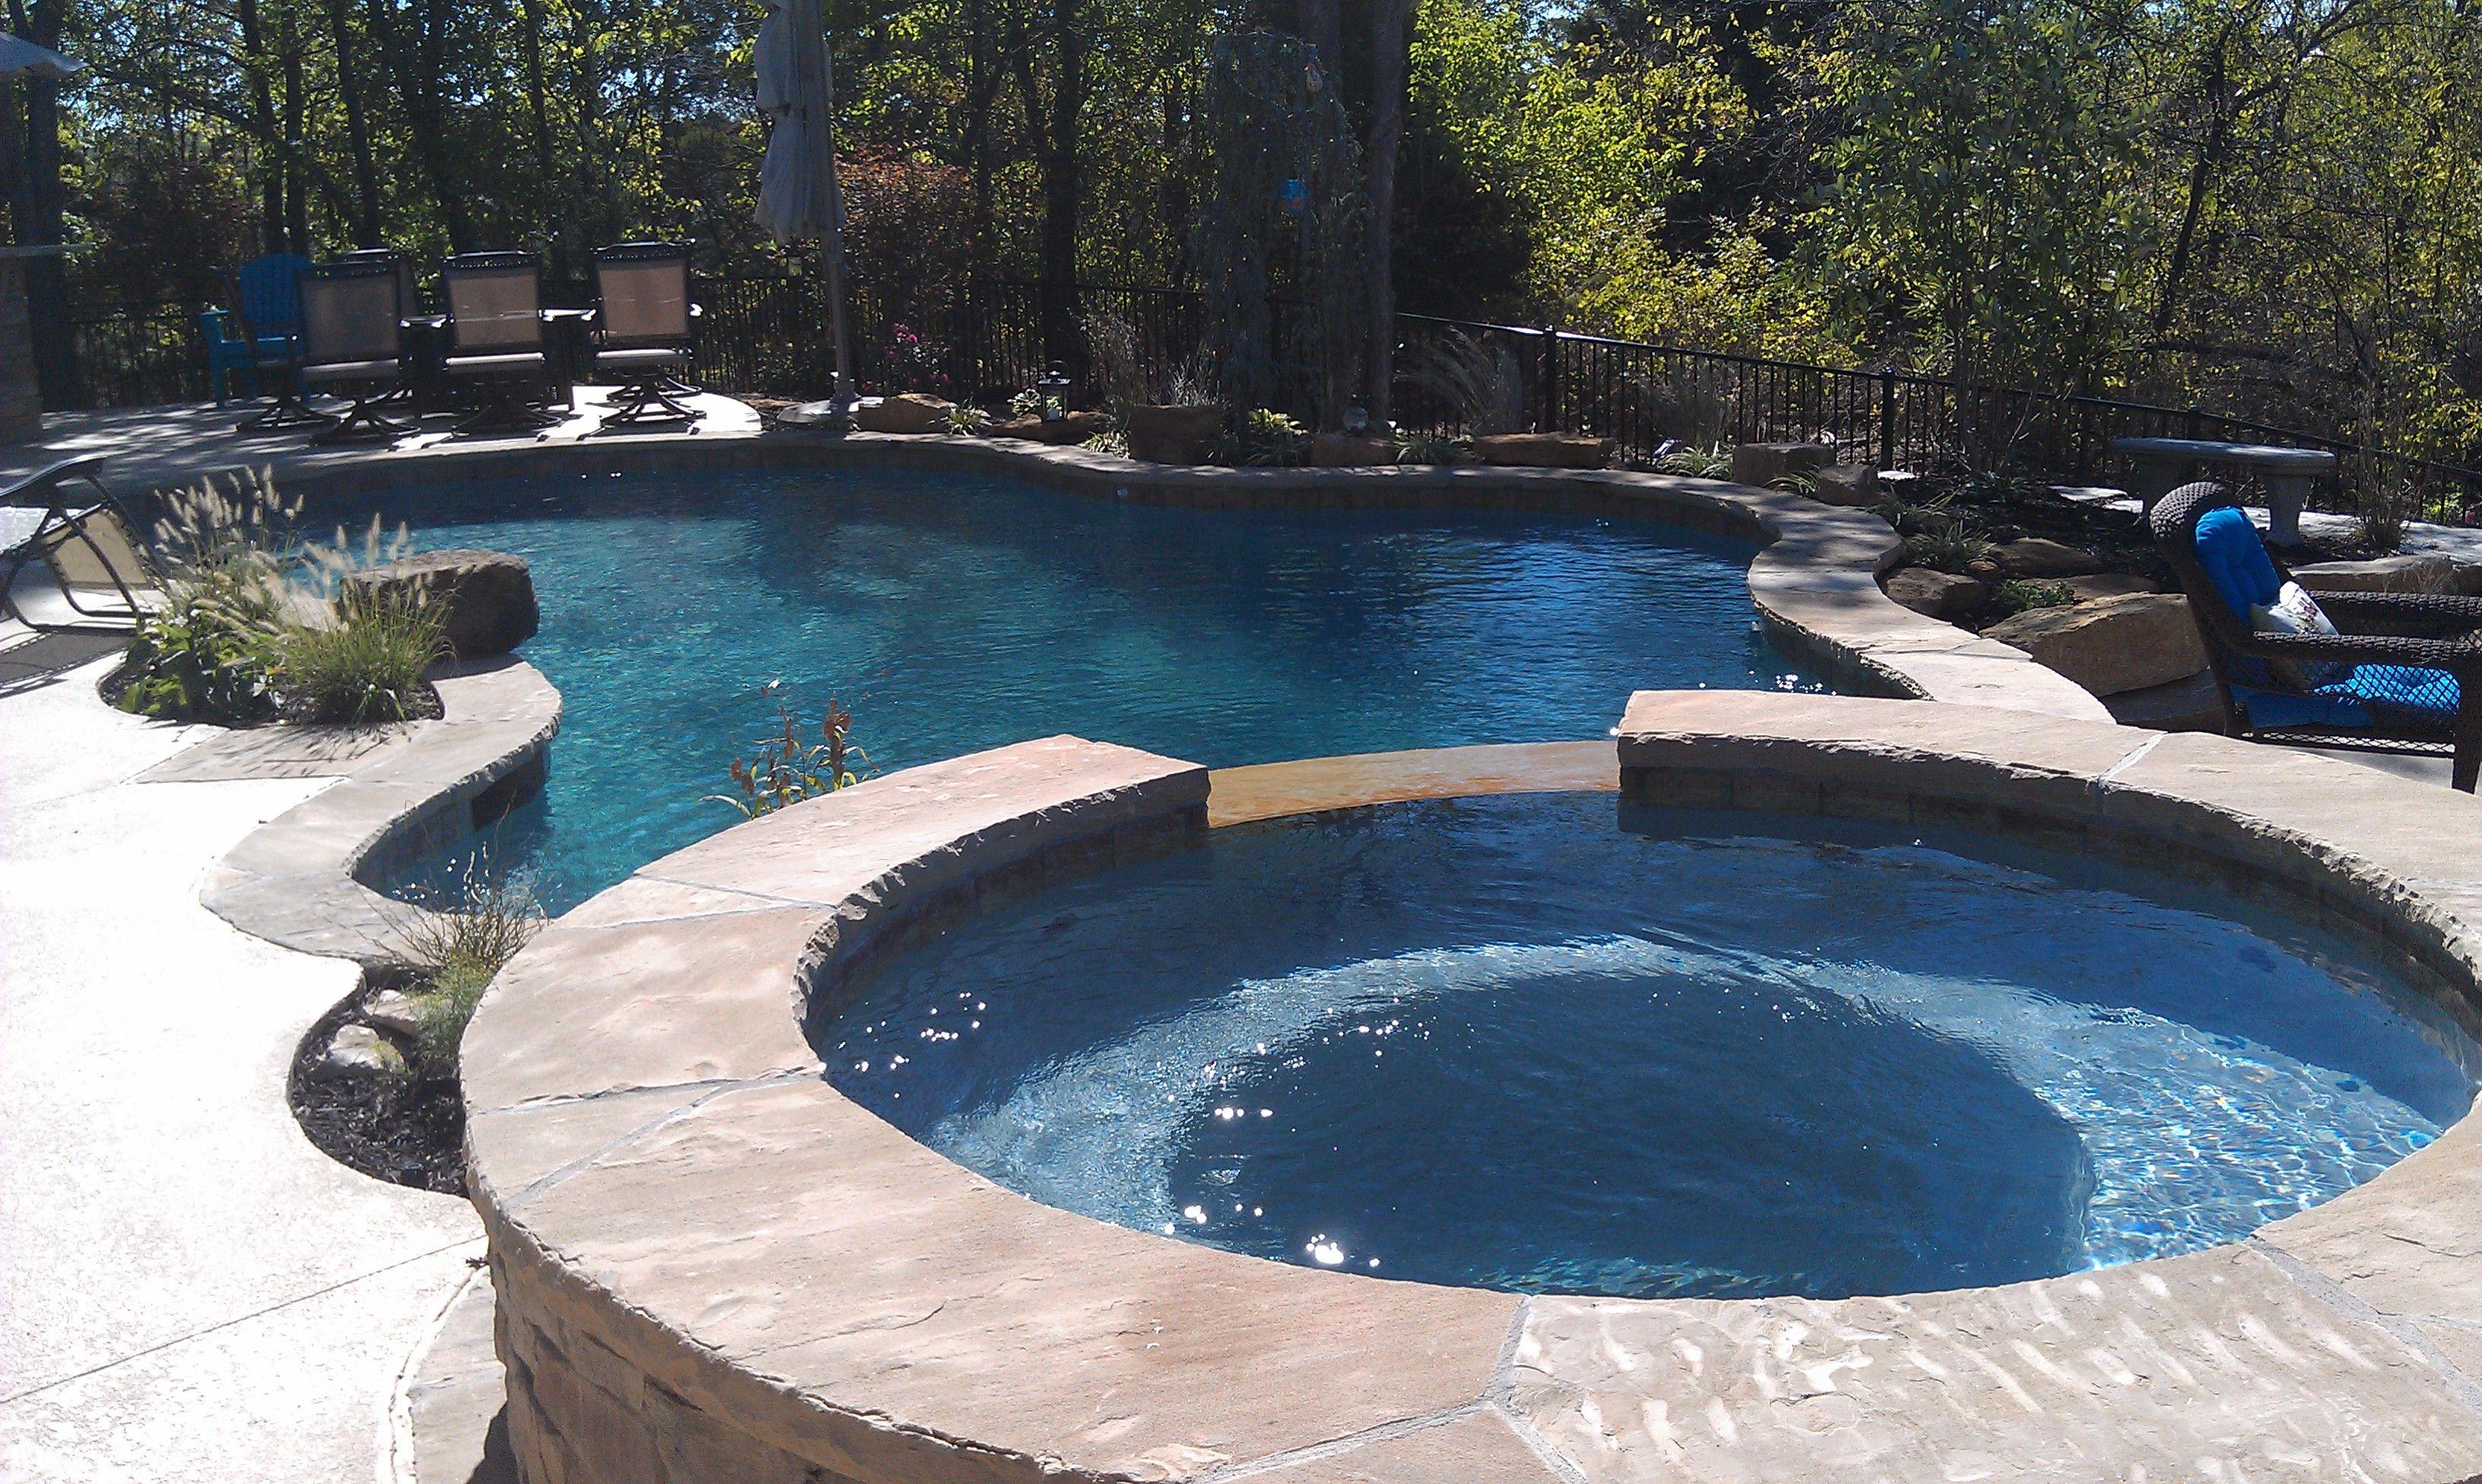 blue haven pools of kansas city custom free form gunite